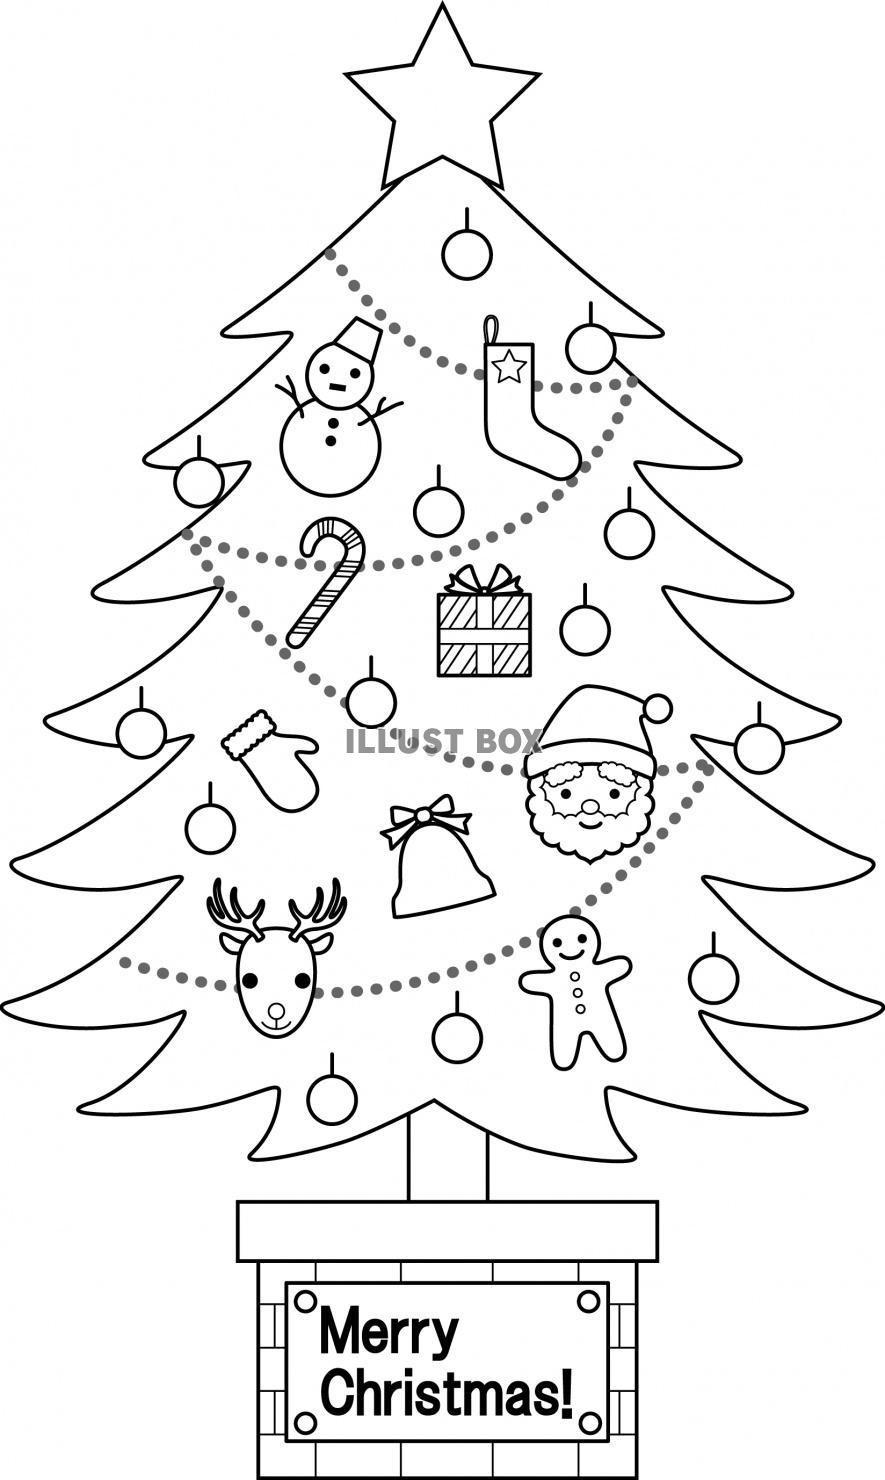 無料イラスト クリスマスツリーモノクロ